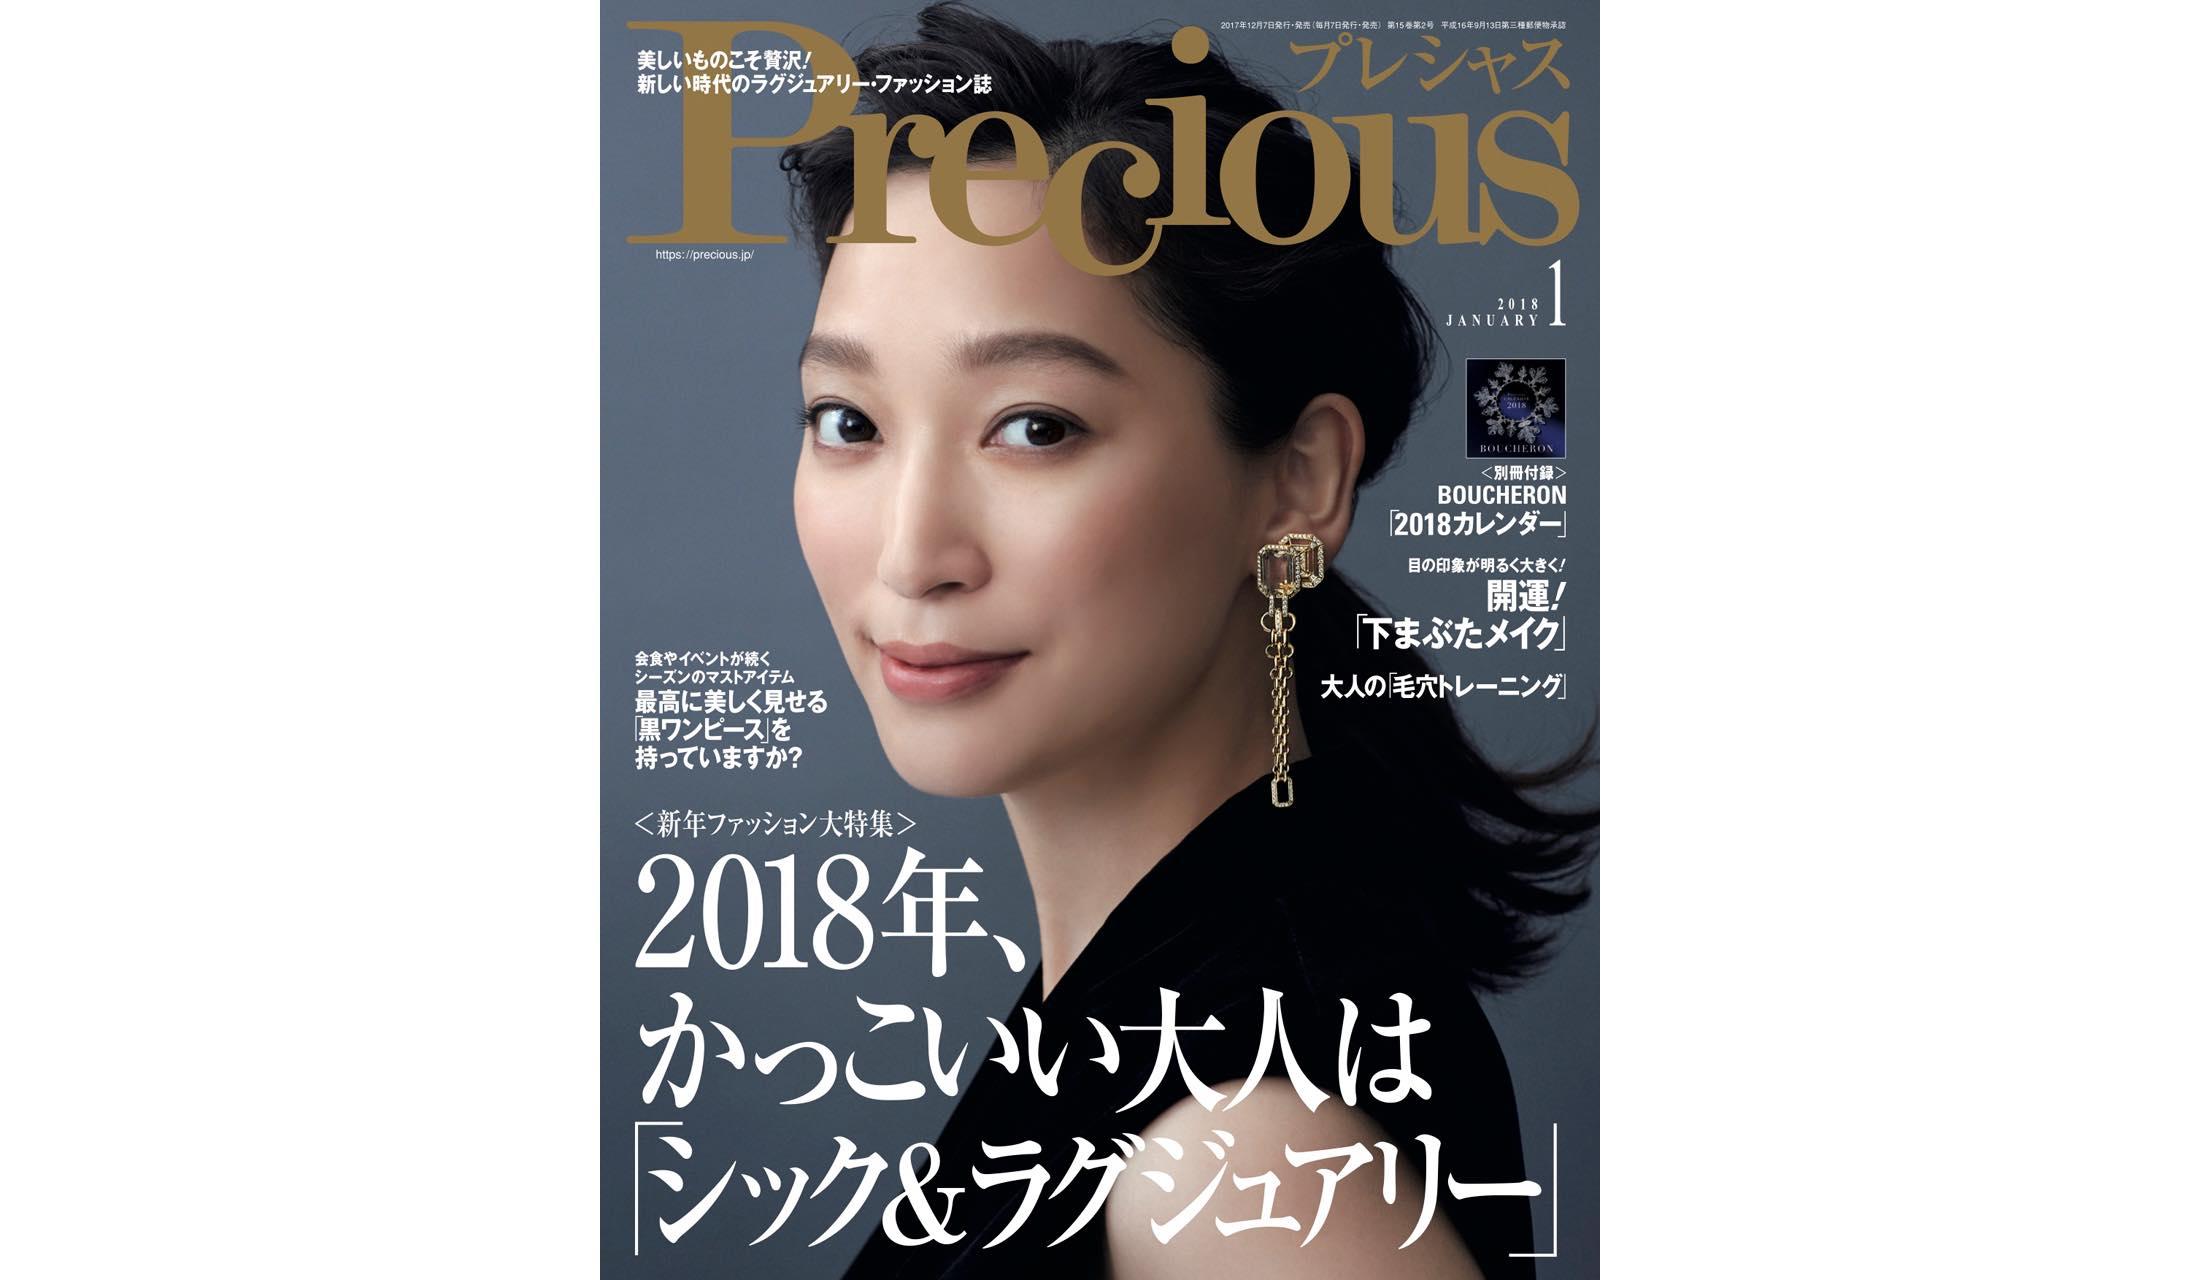 2018年Precious1月号の表紙を飾る女優・杏